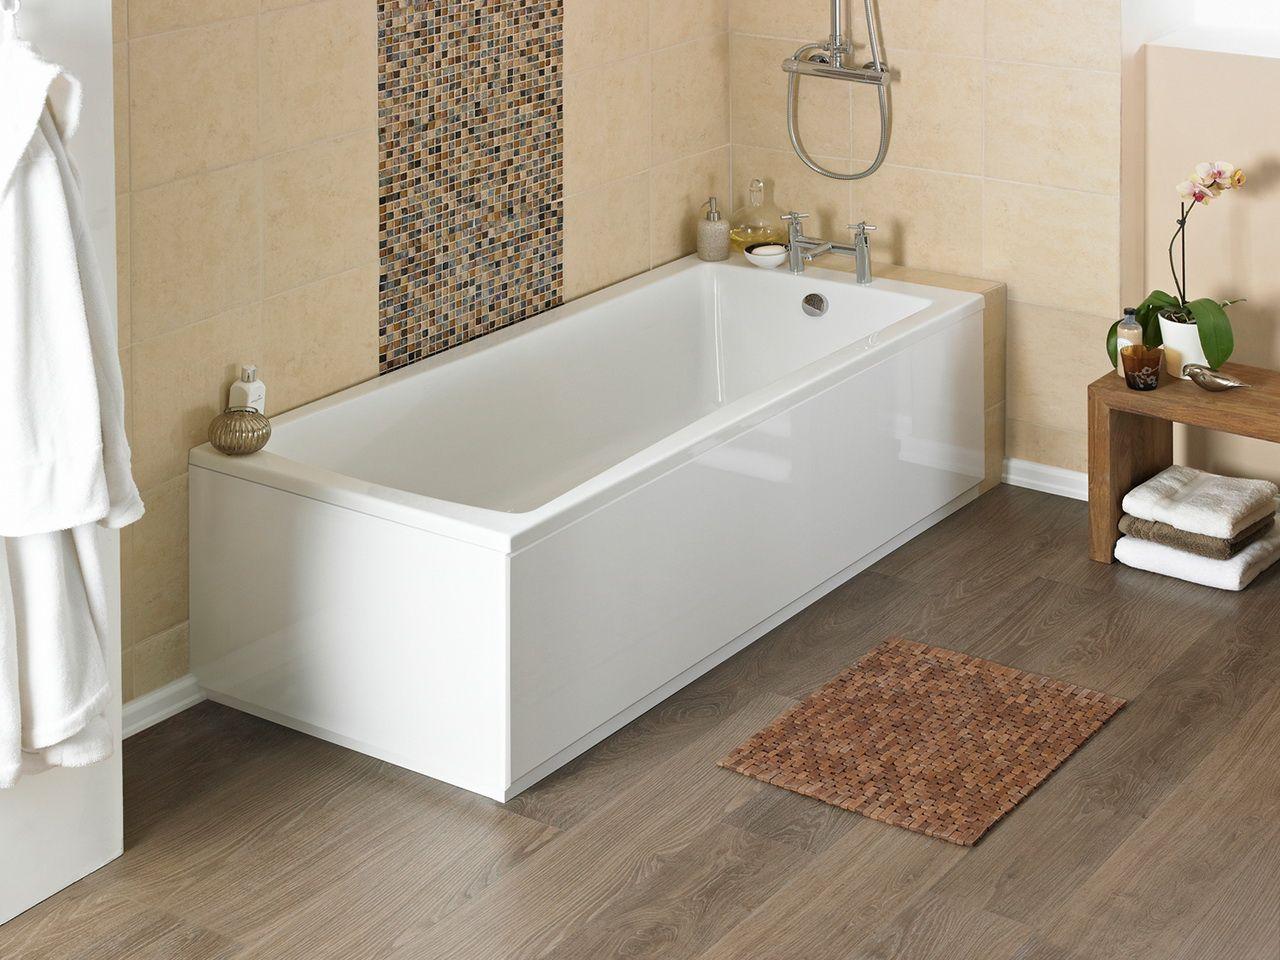 Ламинат на полу в ванной